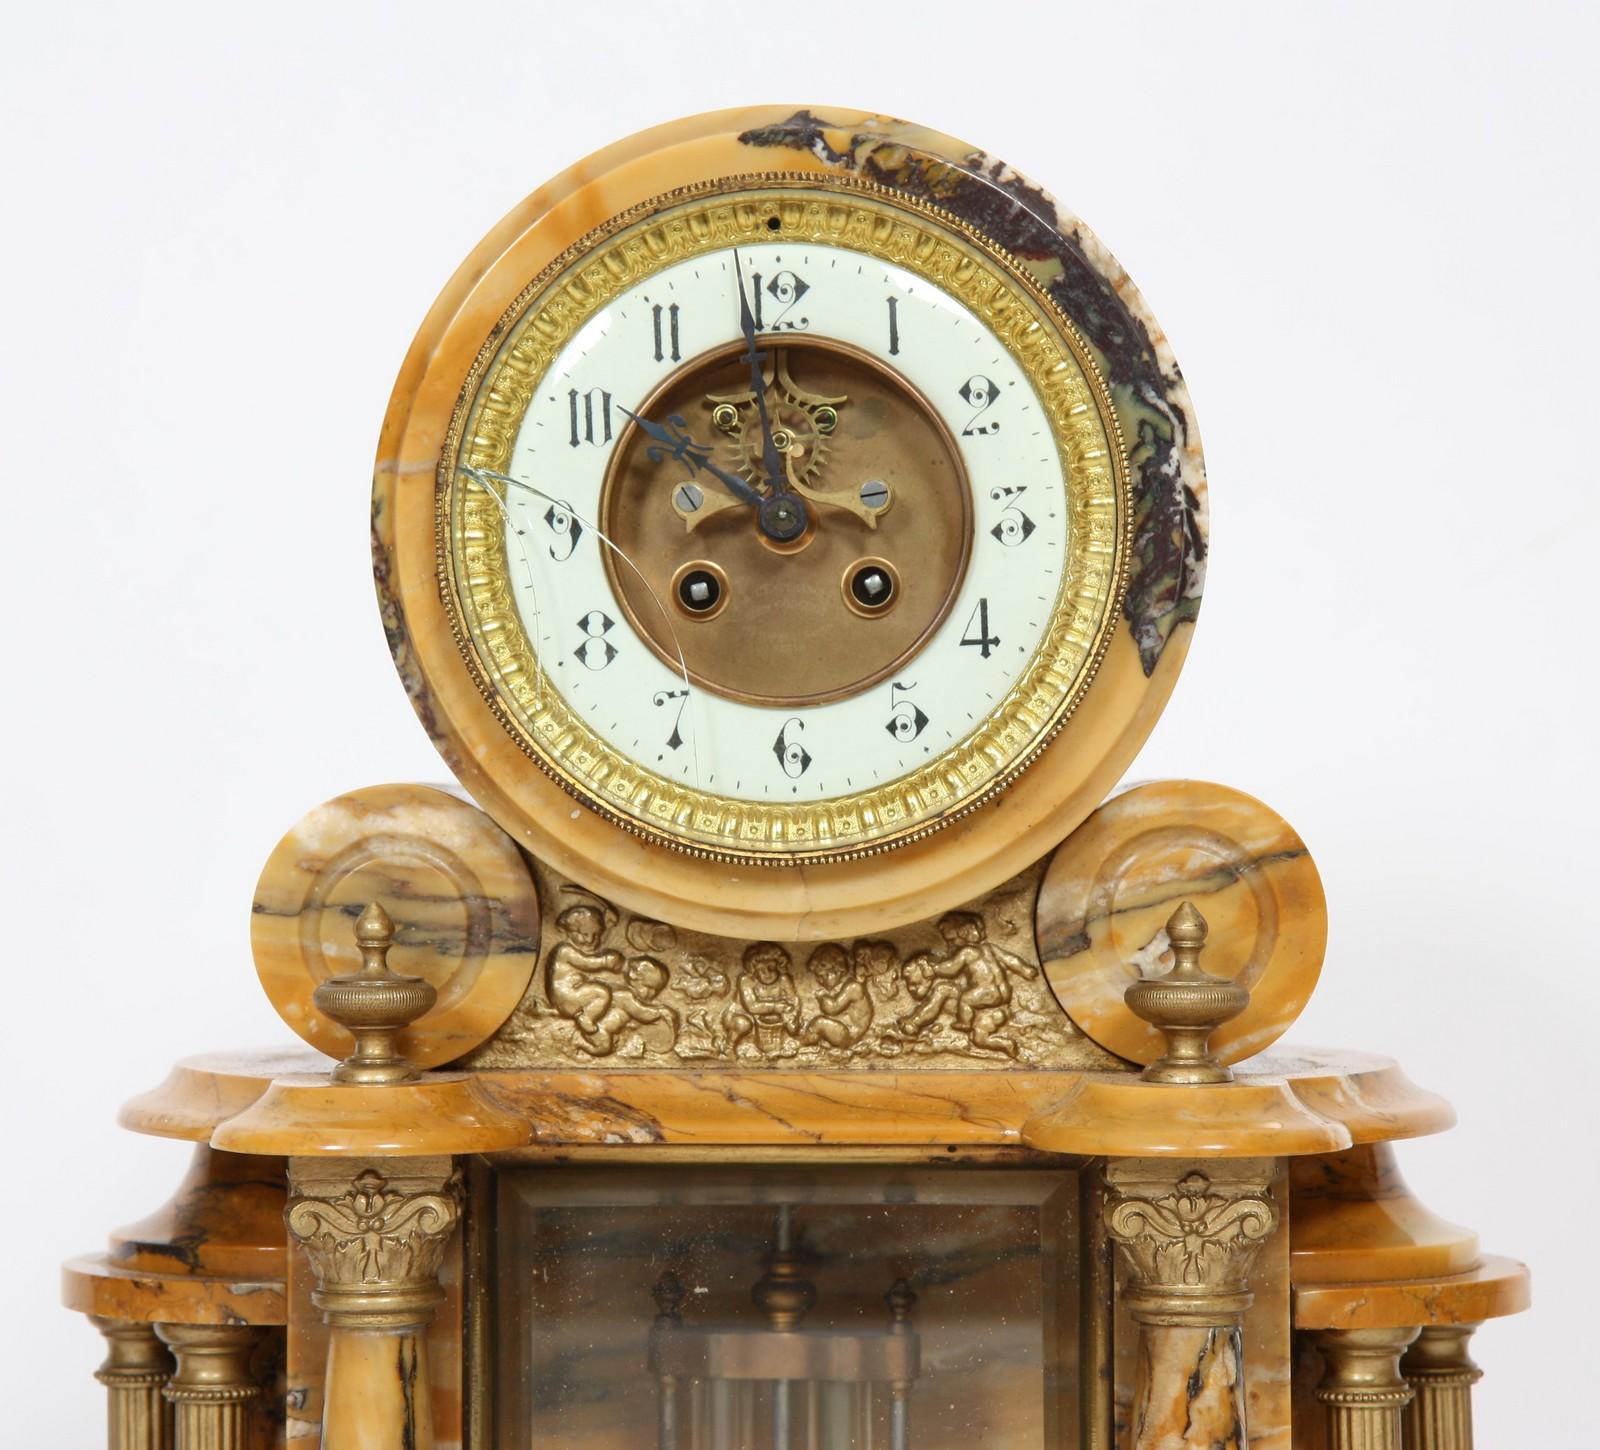 GARNITURE EN MARBRE 1930 Composée d'une pendule et d'une paire de cassolettes en marbre, à - Image 2 of 4